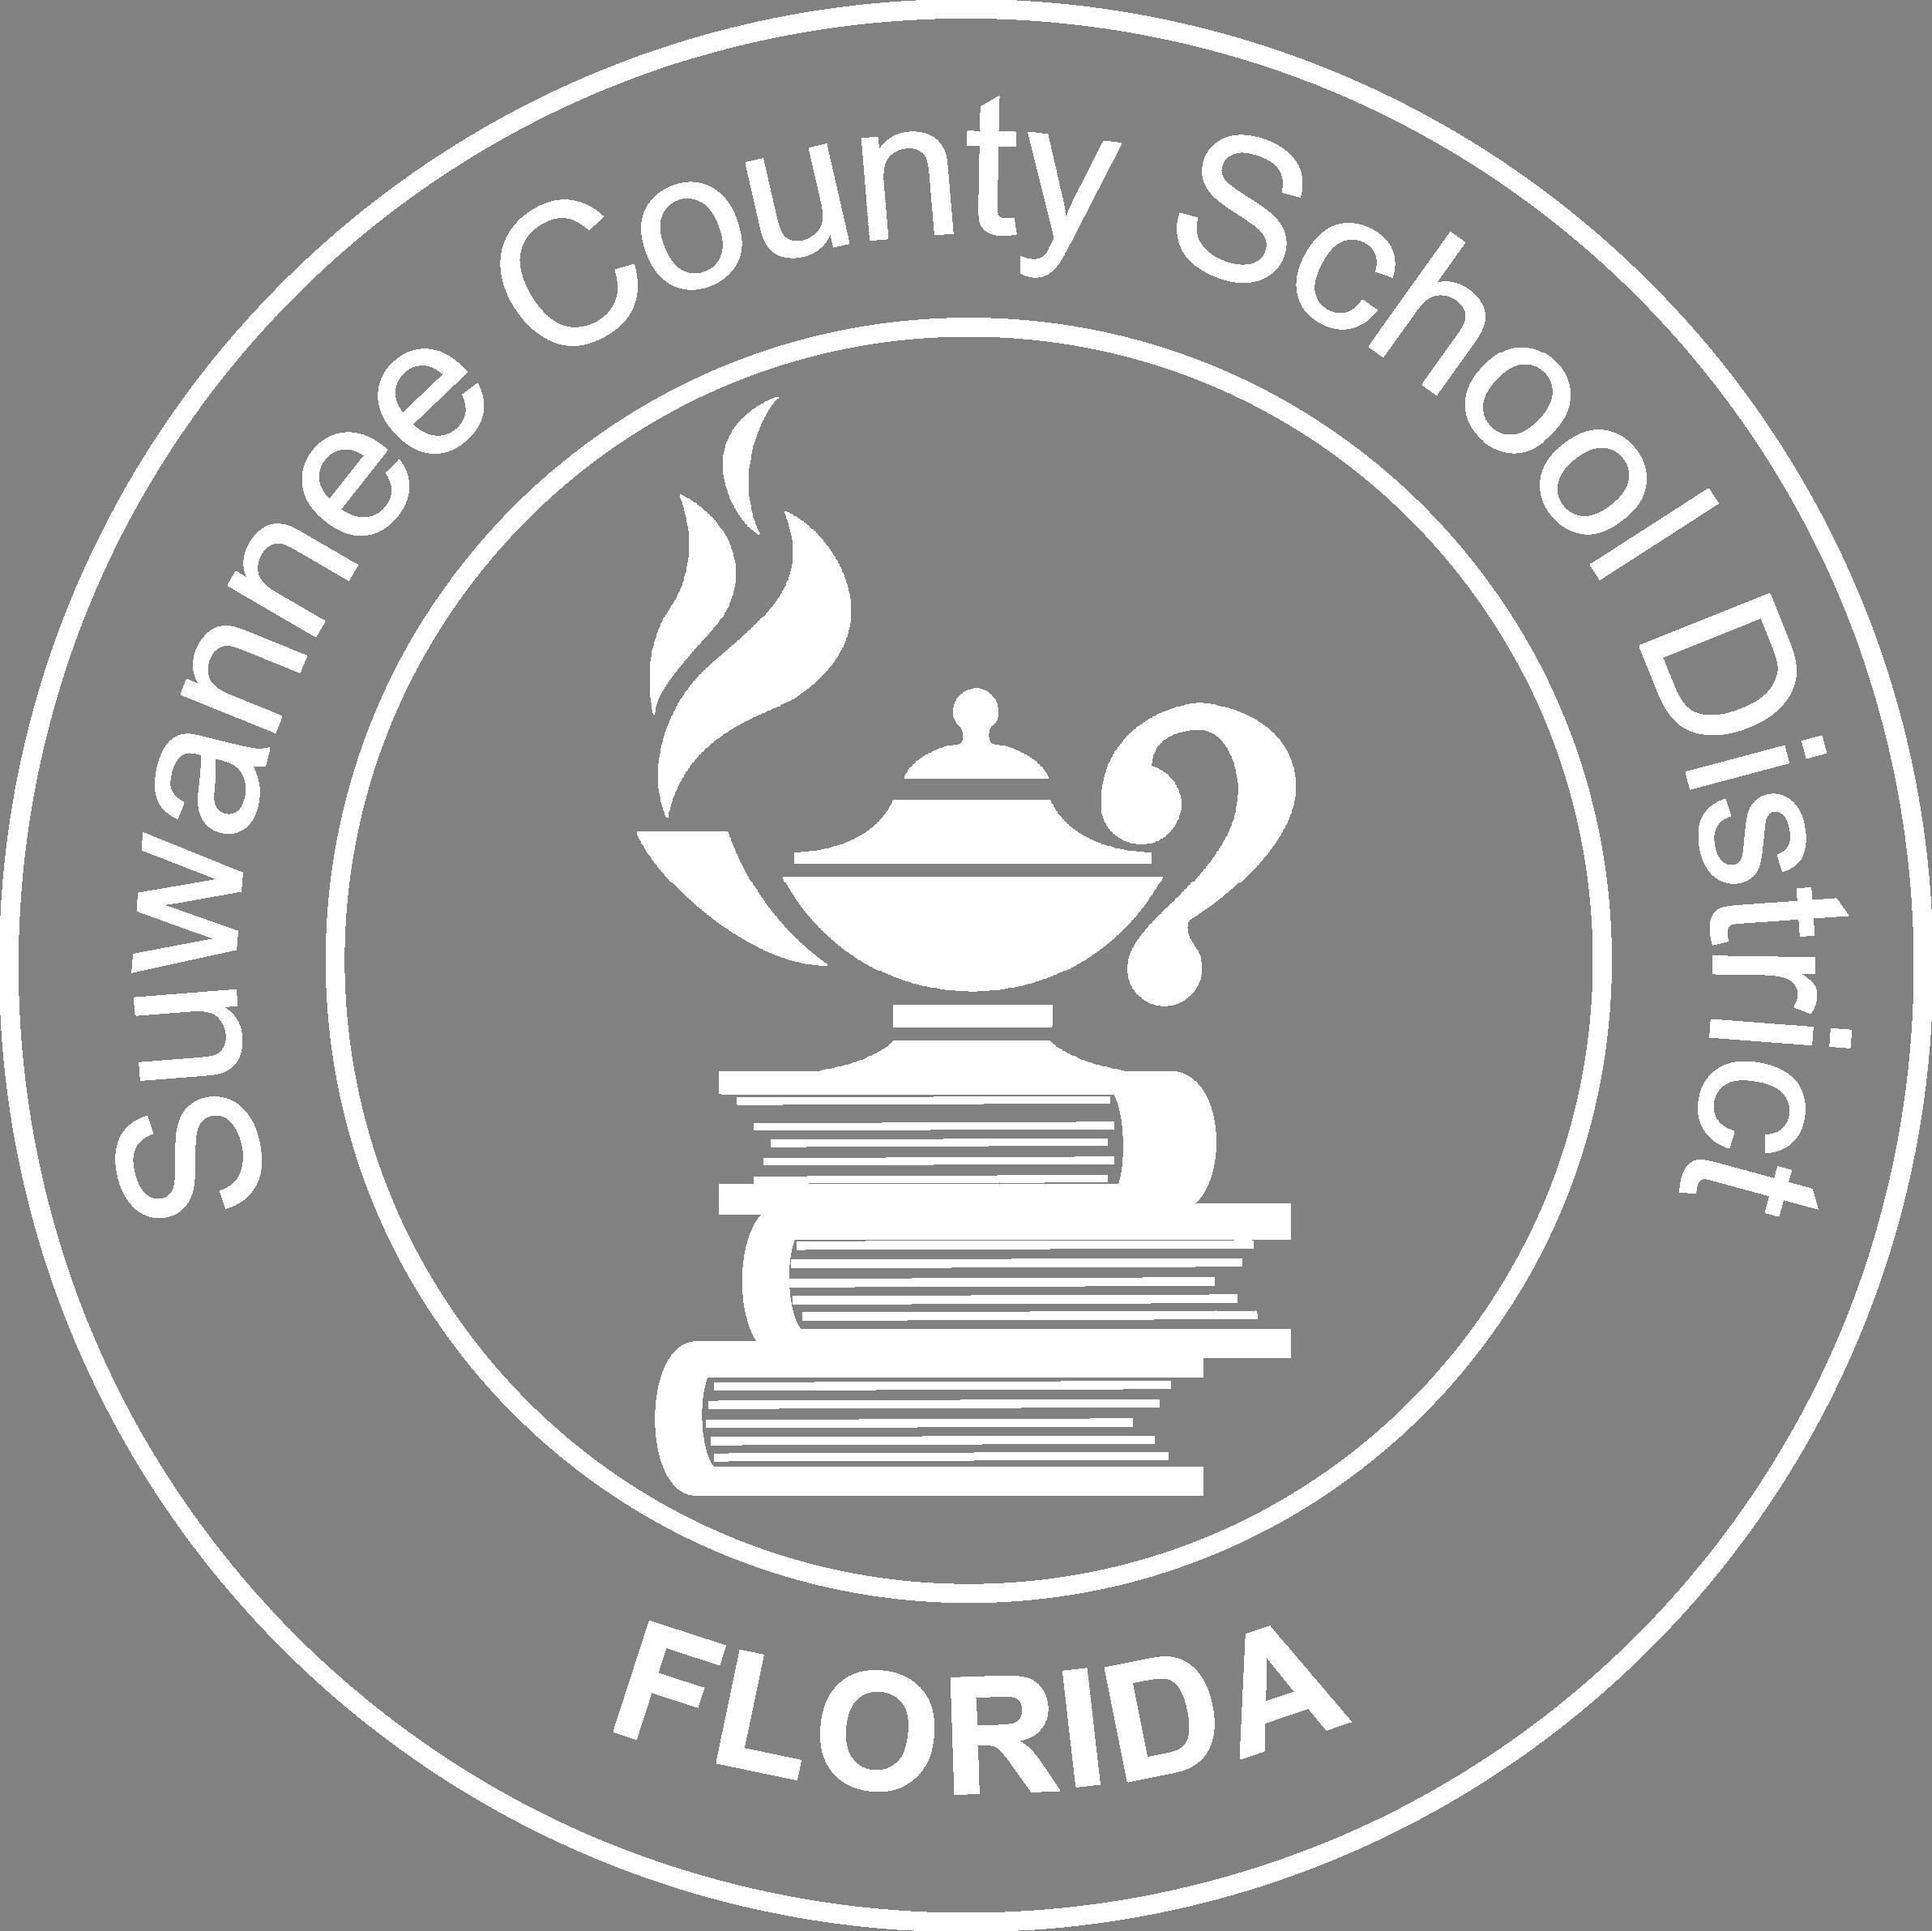 Suwannee School District